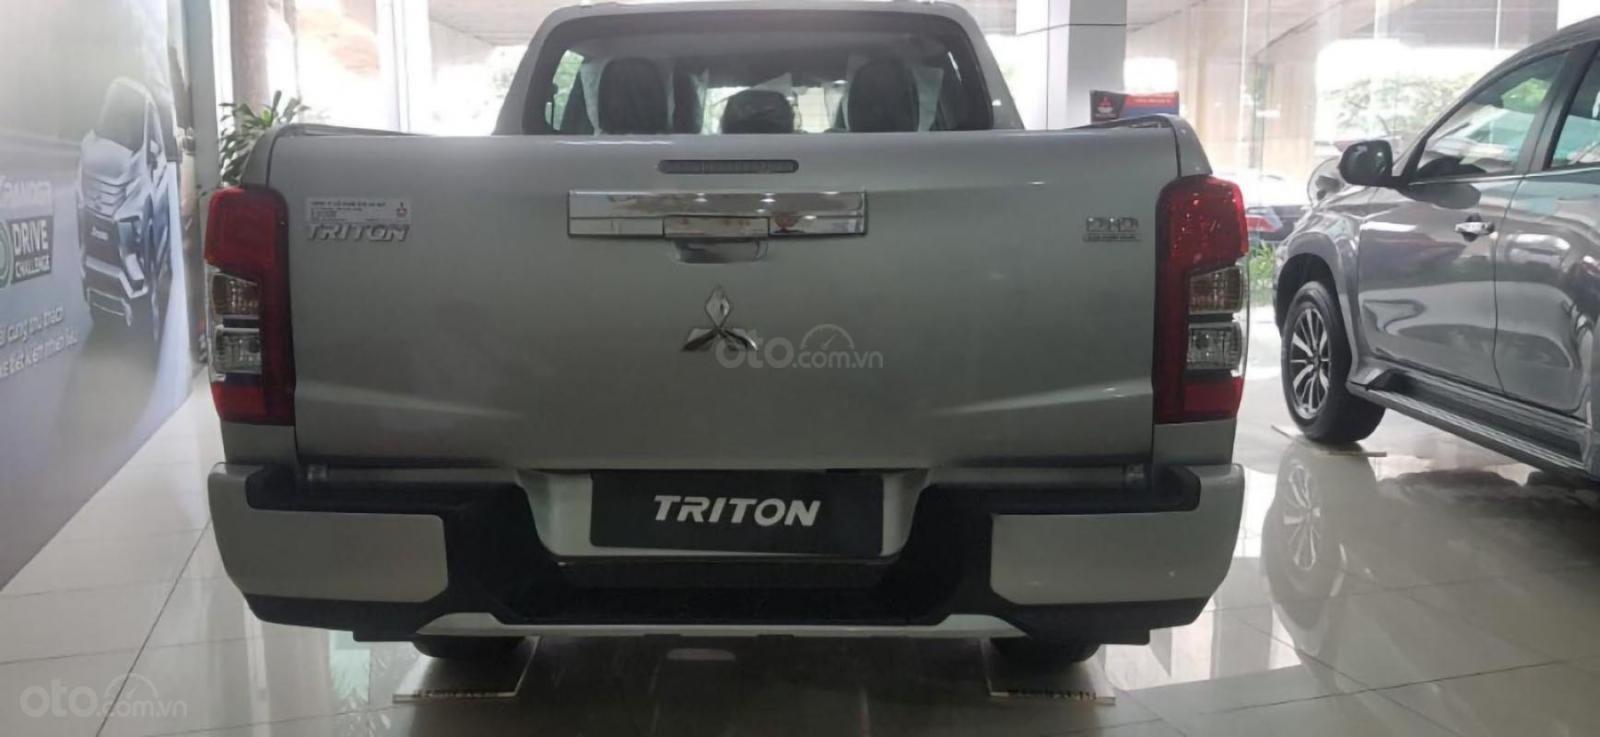 Cần bán Mitsubishi Triton 4X2 AT MIVEC sản xuất 2019, màu bạc, xe nhập giá cạnh tranh (5)